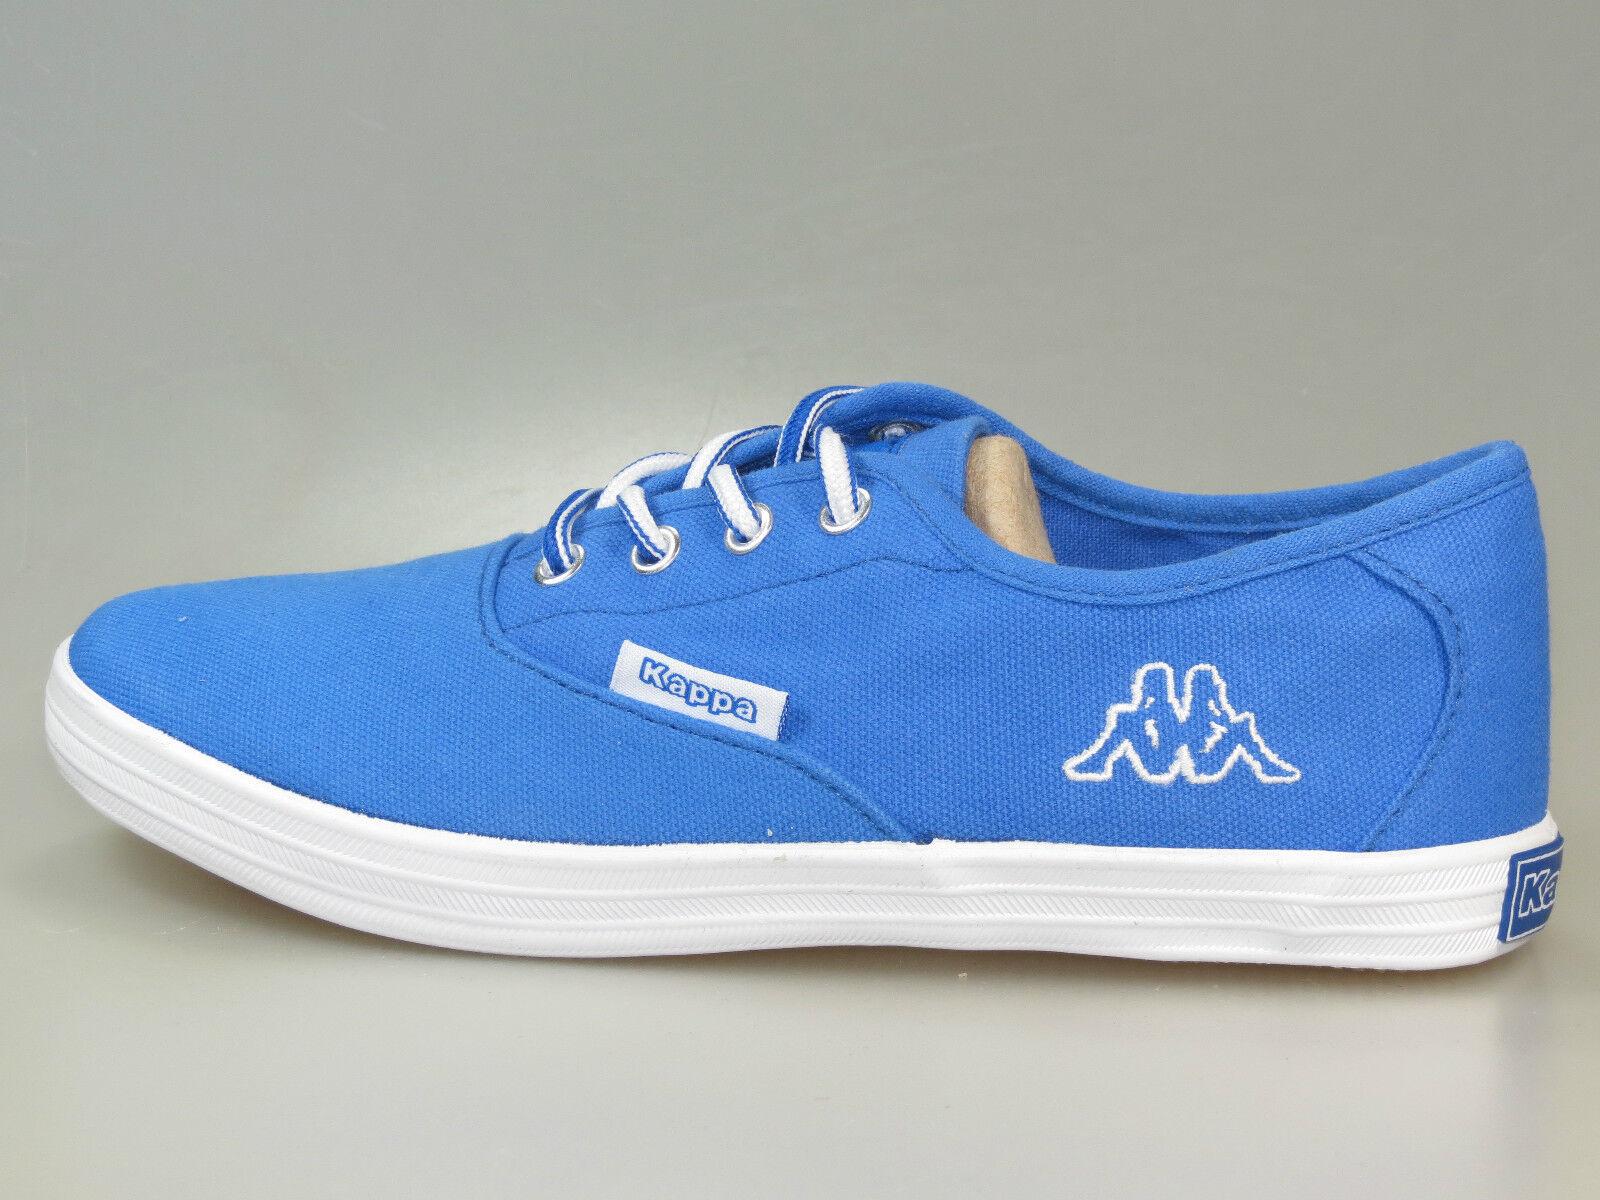 KAPPA chaussures HOLY bleu/blanc 241445/6010 + NOUVEAU + . Plusieurs tailles